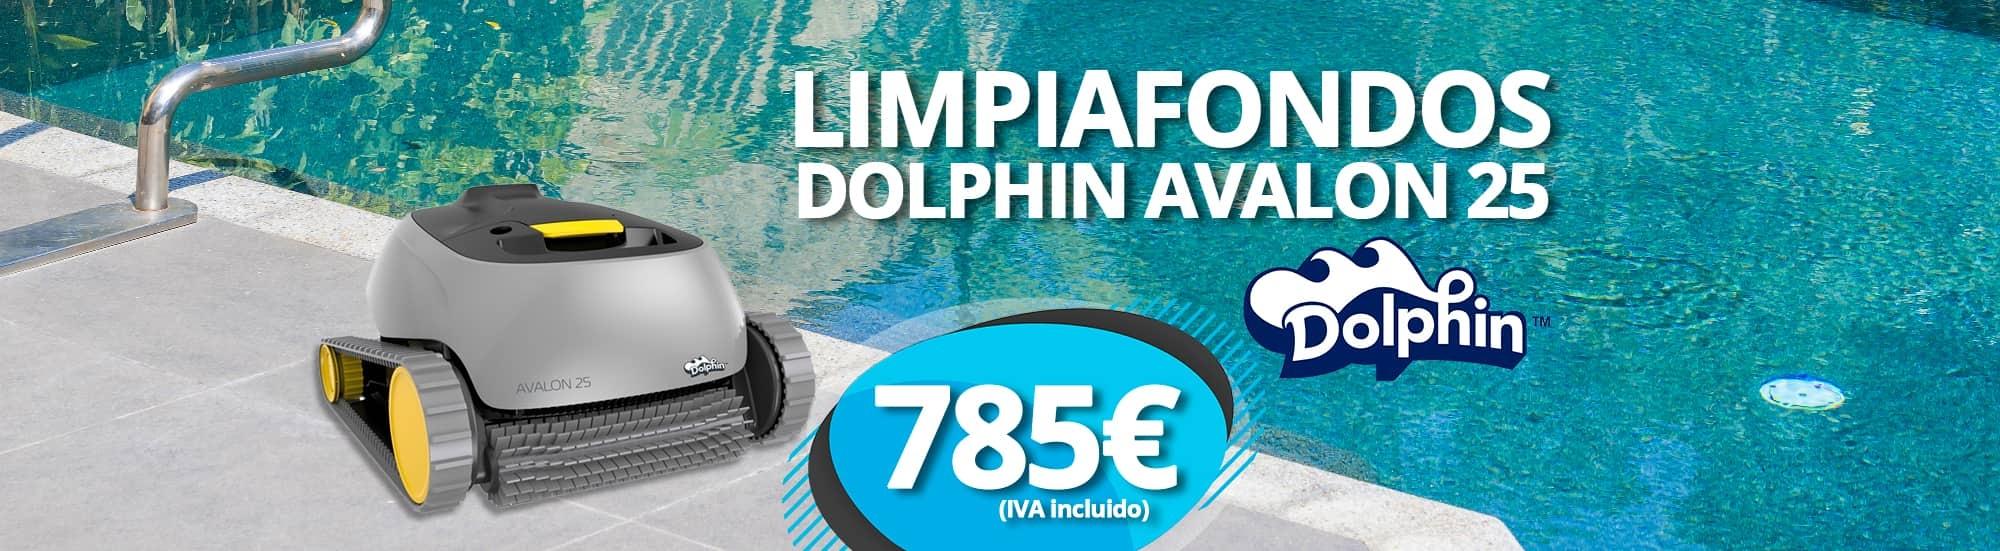 Limpiafondos Dolphin Avalon 25